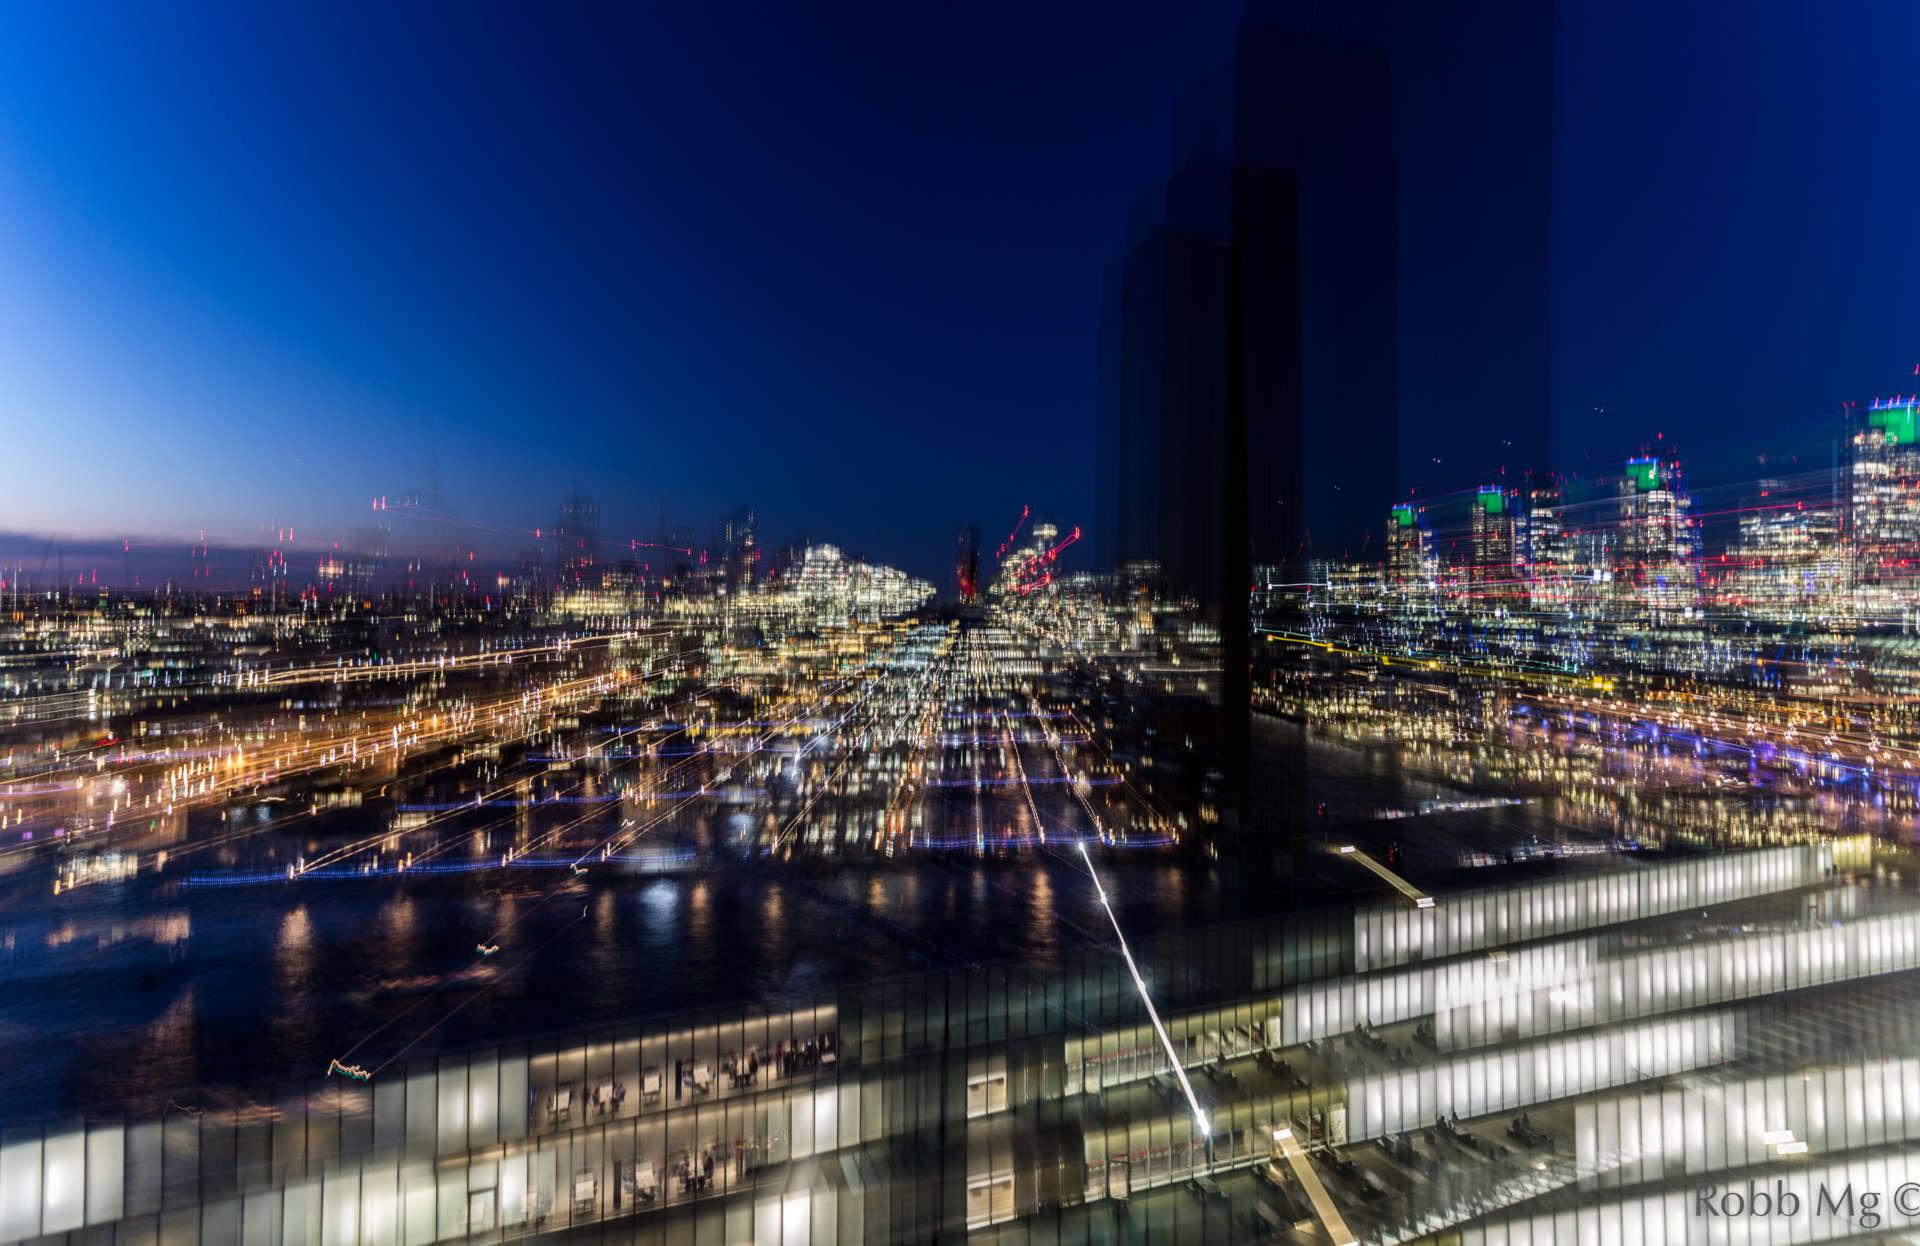 london-urban1-18